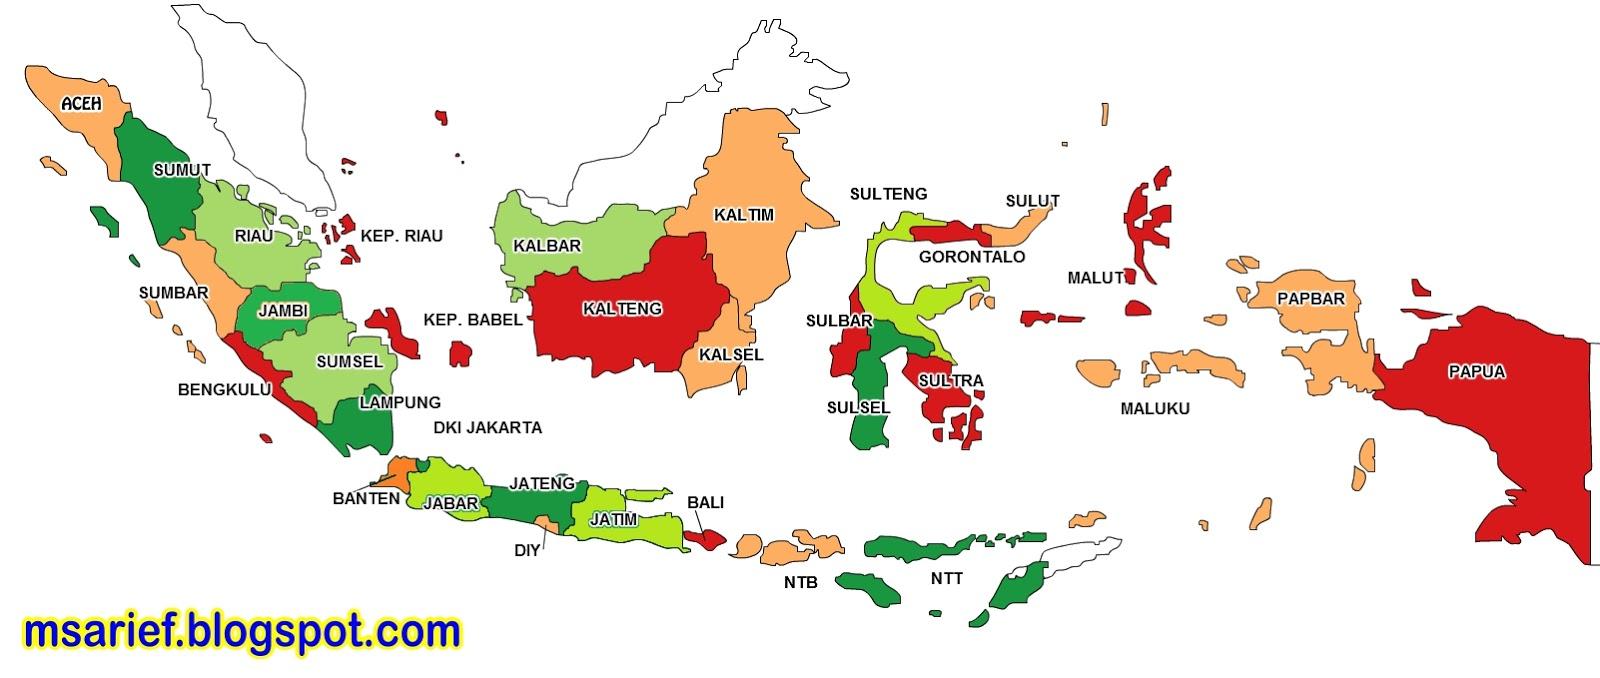 Daftar Nama 34 Provinsi Di Indonesia Lengkap Beserta ...